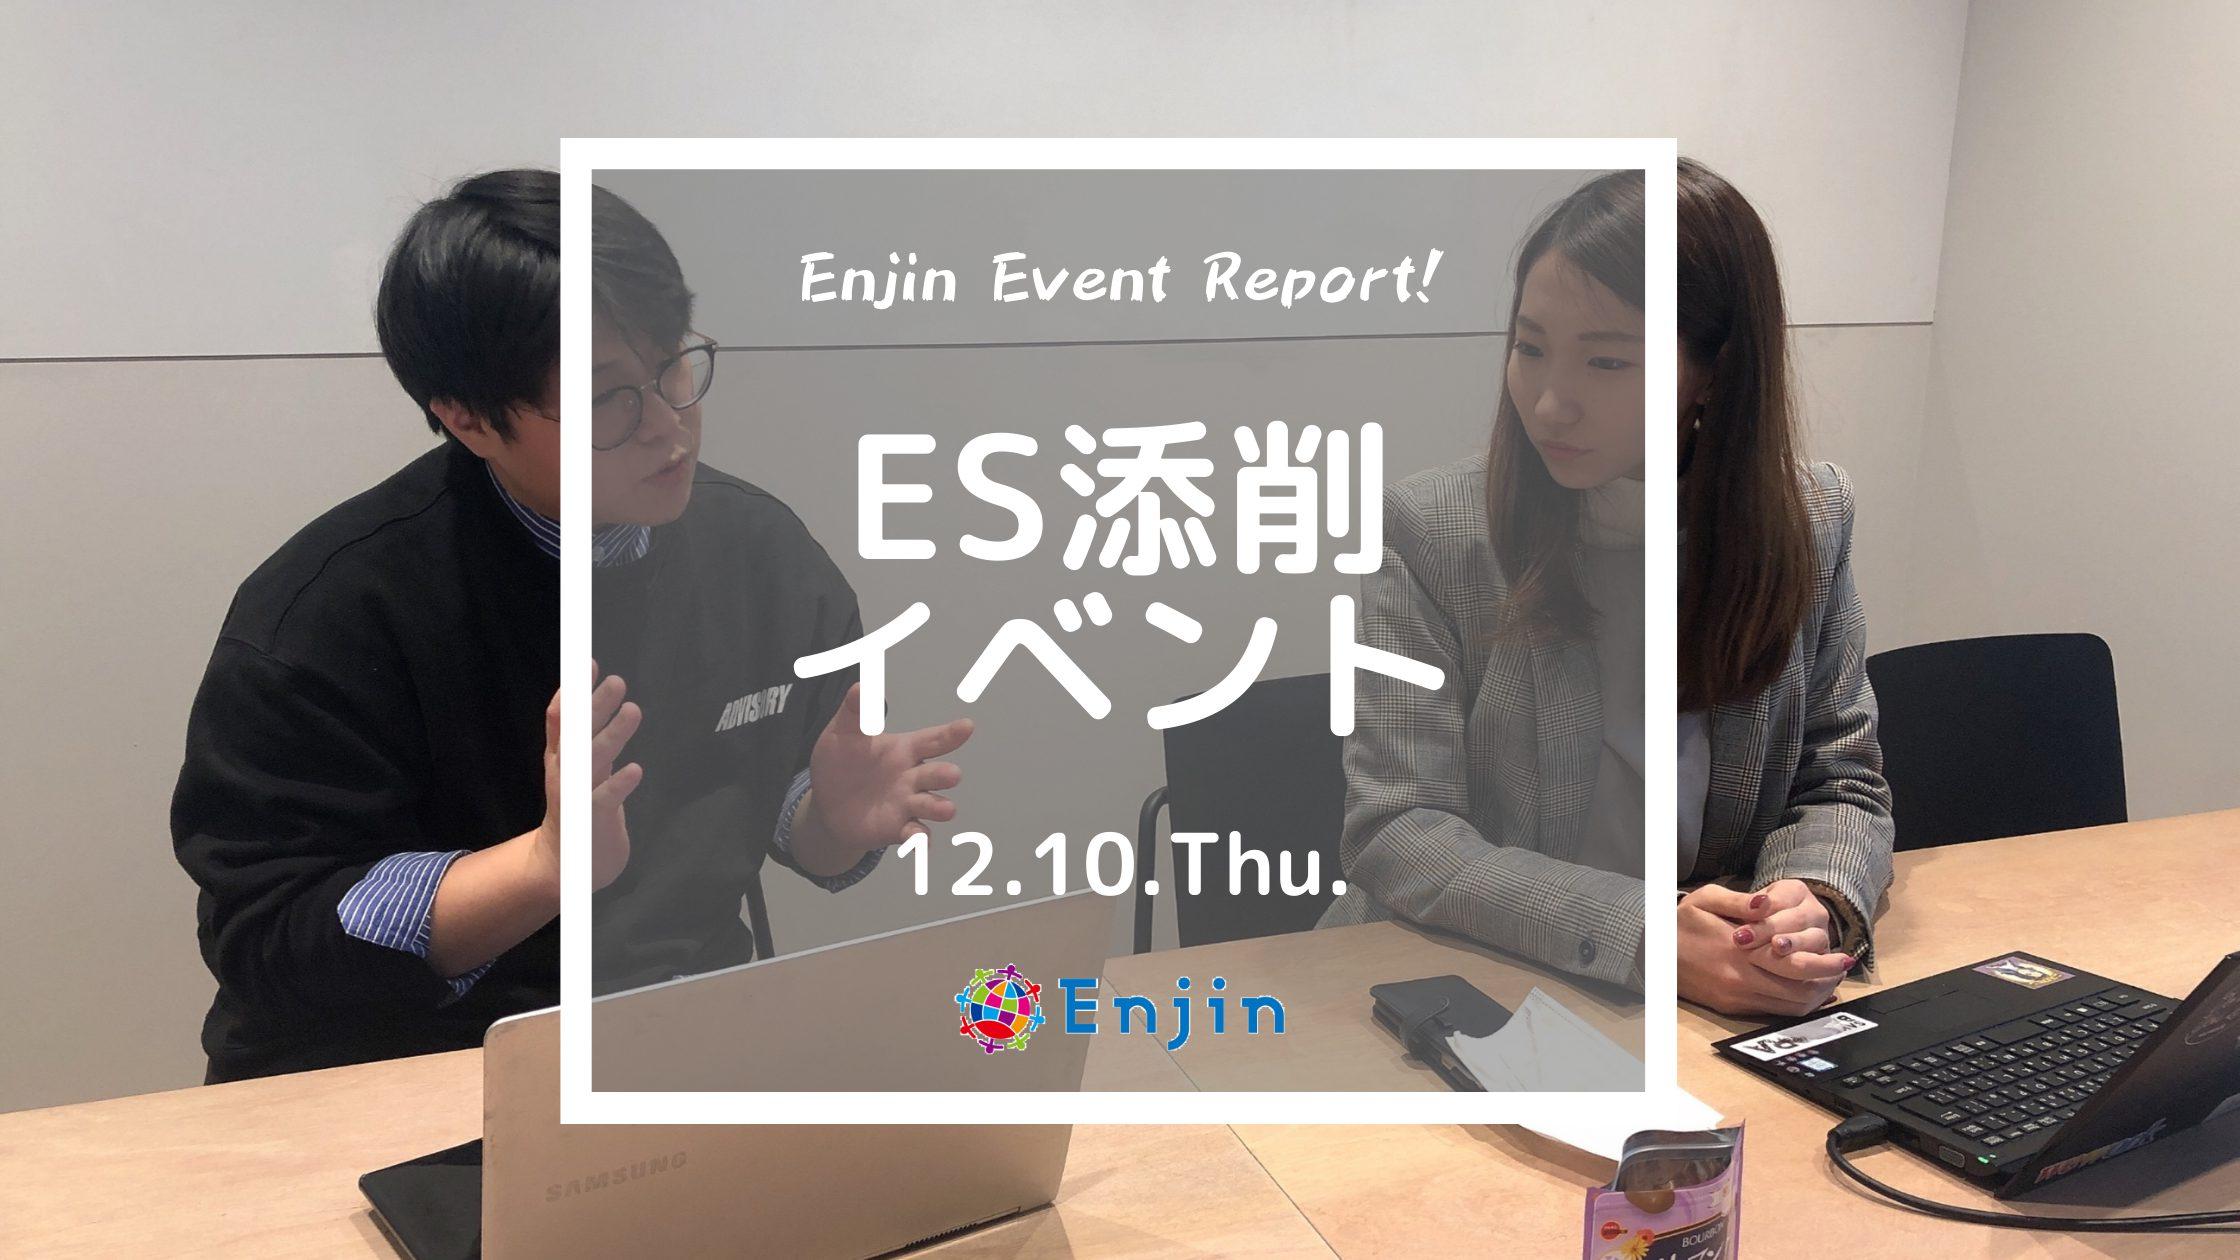 【イベント報告】2020年12月10日(木)開催 ES添削イベント